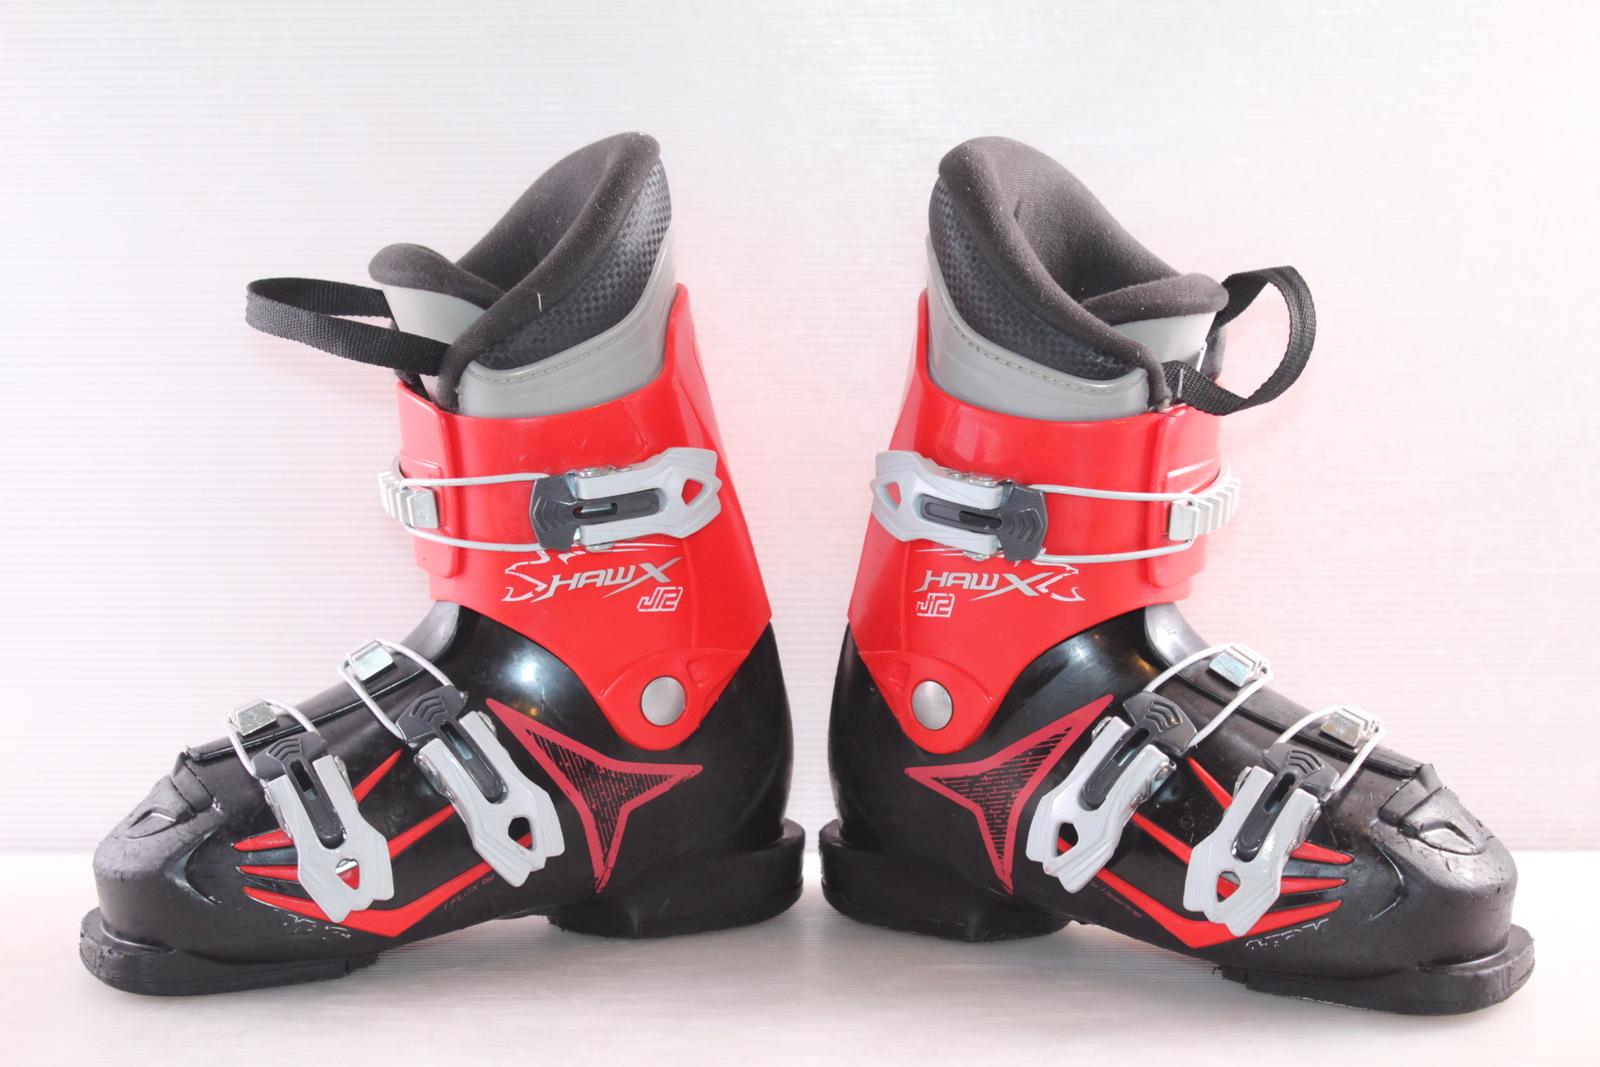 Dětské lyžáky Atomic Hawx JR vel. EU32